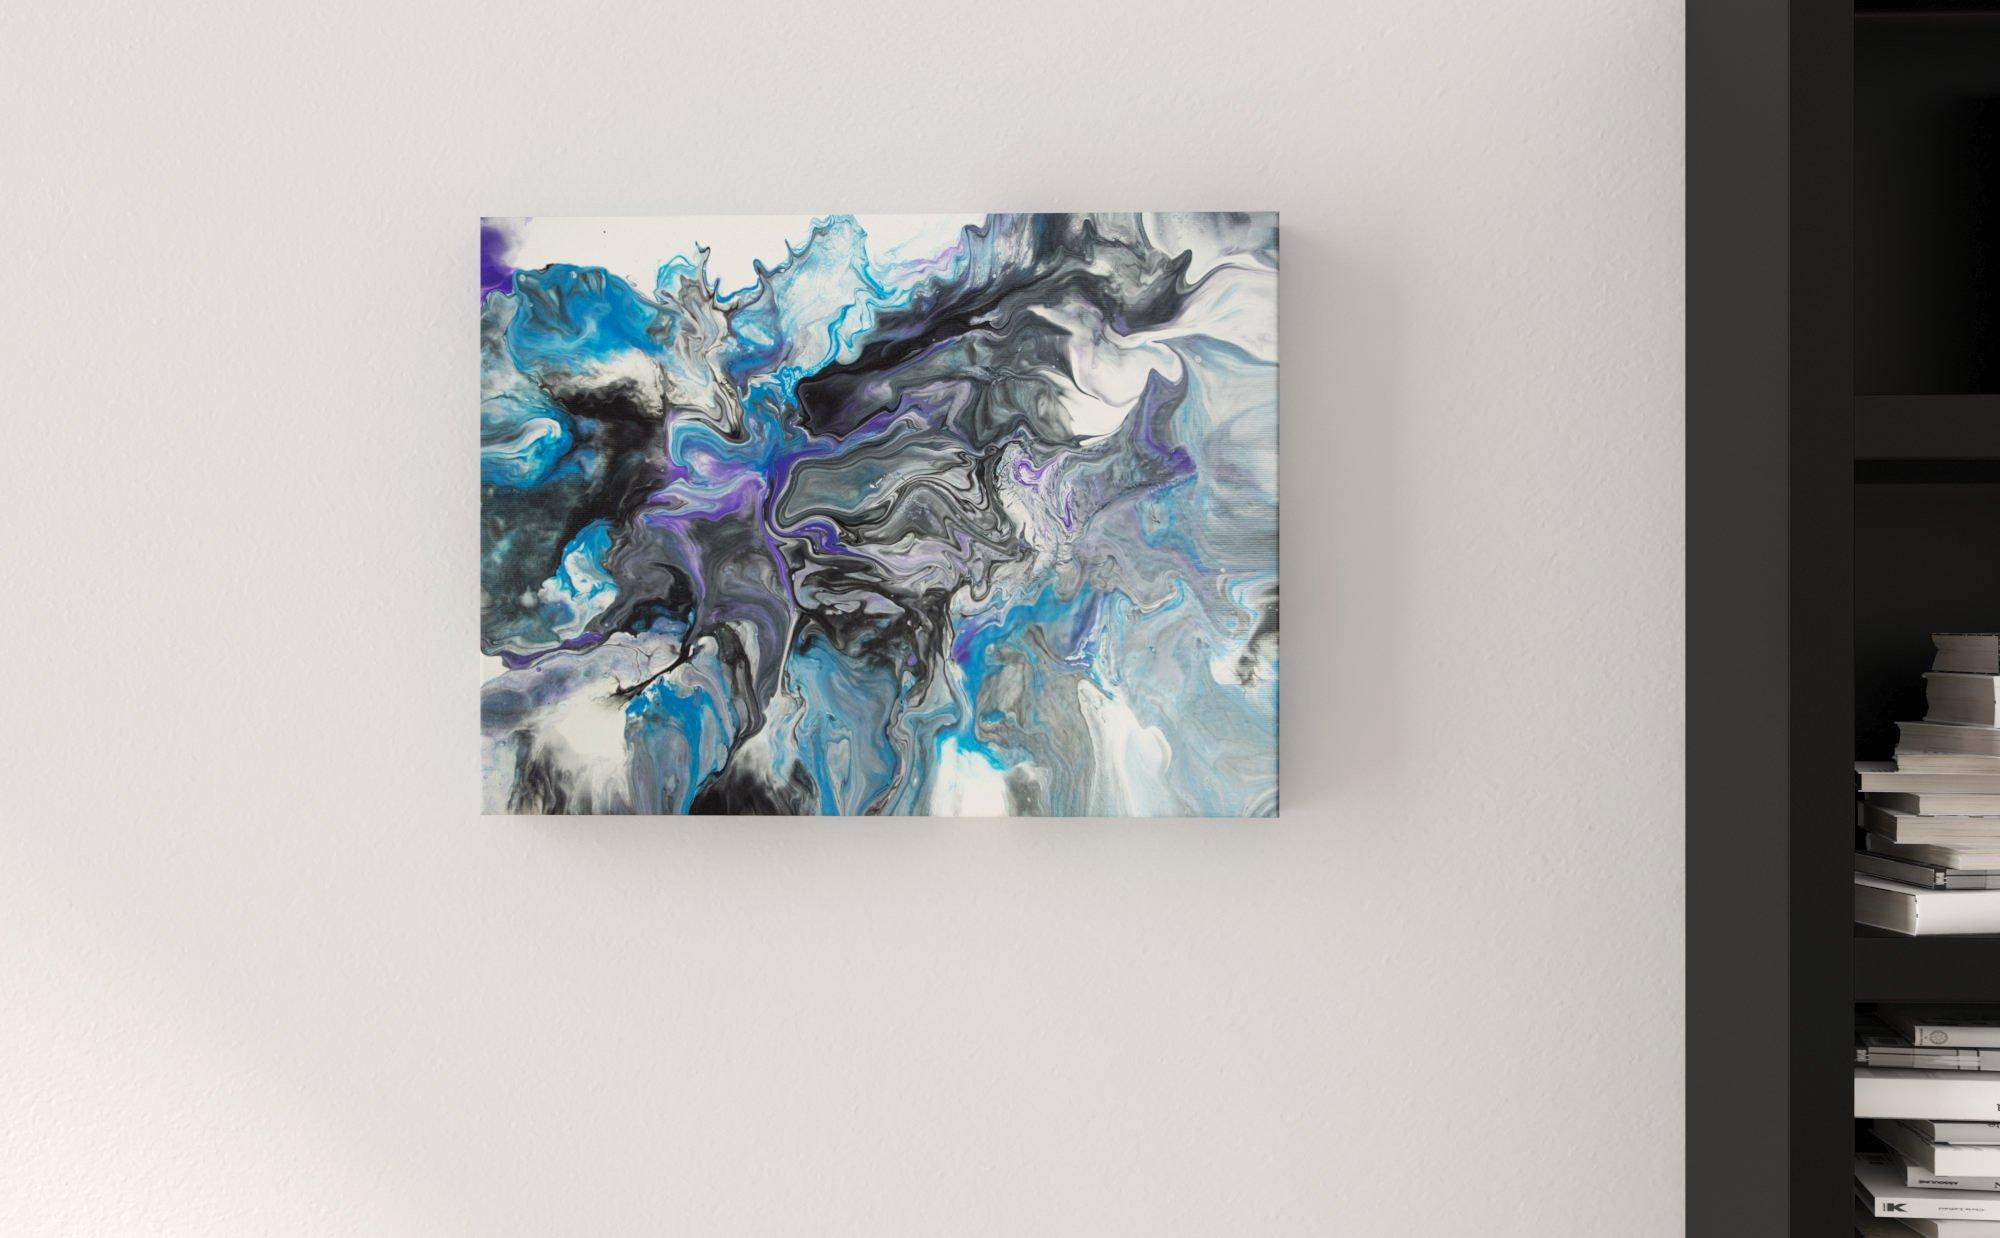 Abstract Art Fog 3D canvas